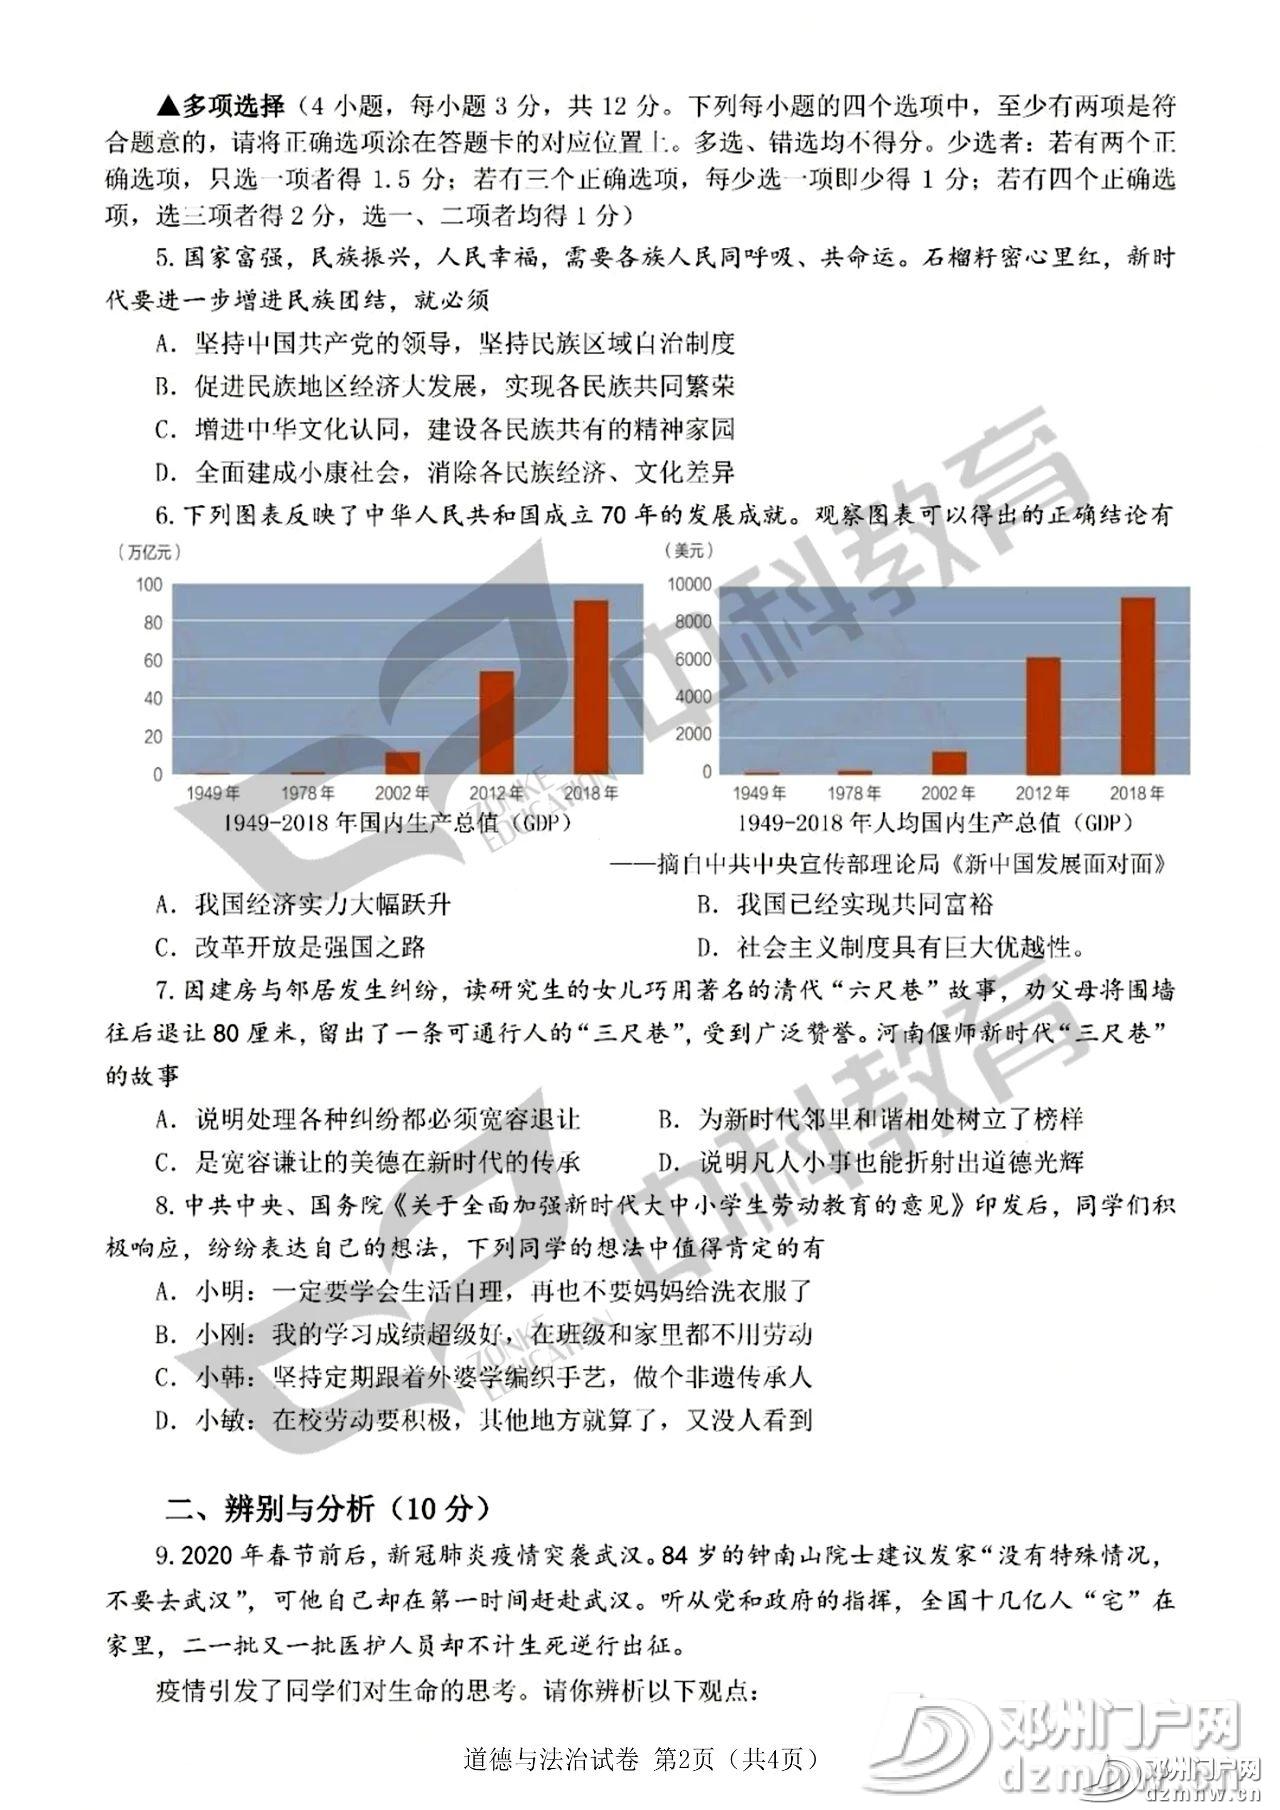 最新!邓州2020年中招各科试题及答案公布,请转发给身边的初三学生家长! - 邓州门户网|邓州网 - 0fa3784b6c98d71ac30874f55044e14c.jpg